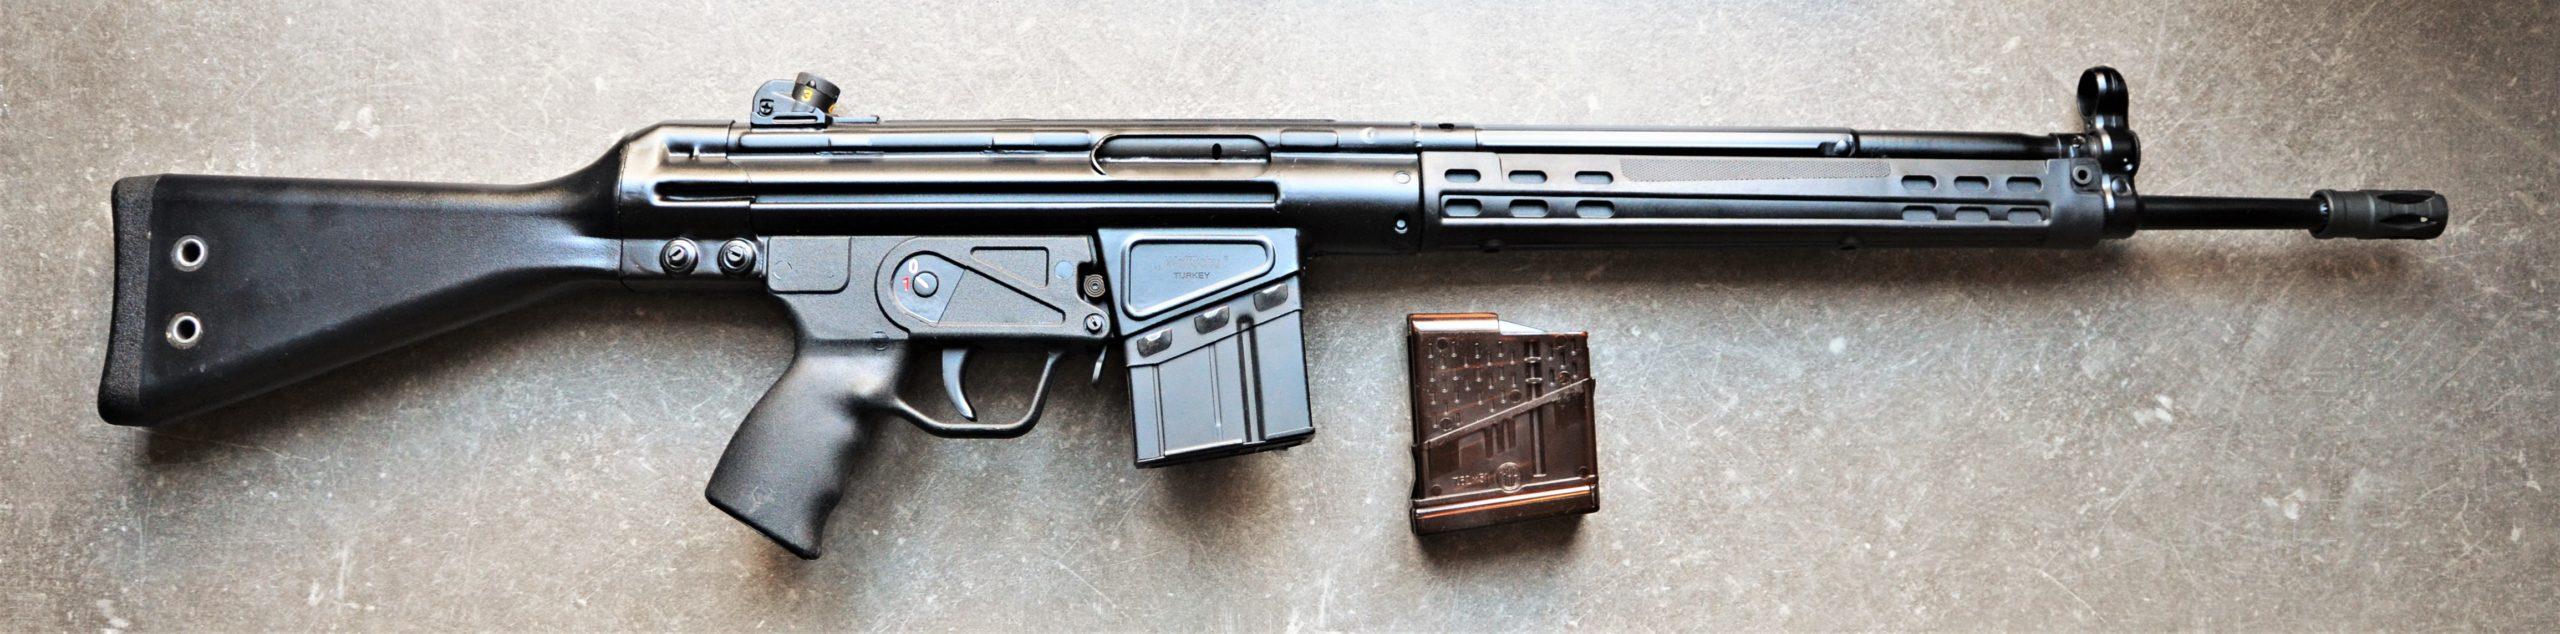 MKE T41 - .308Win - halbautomatische Büchse rechts